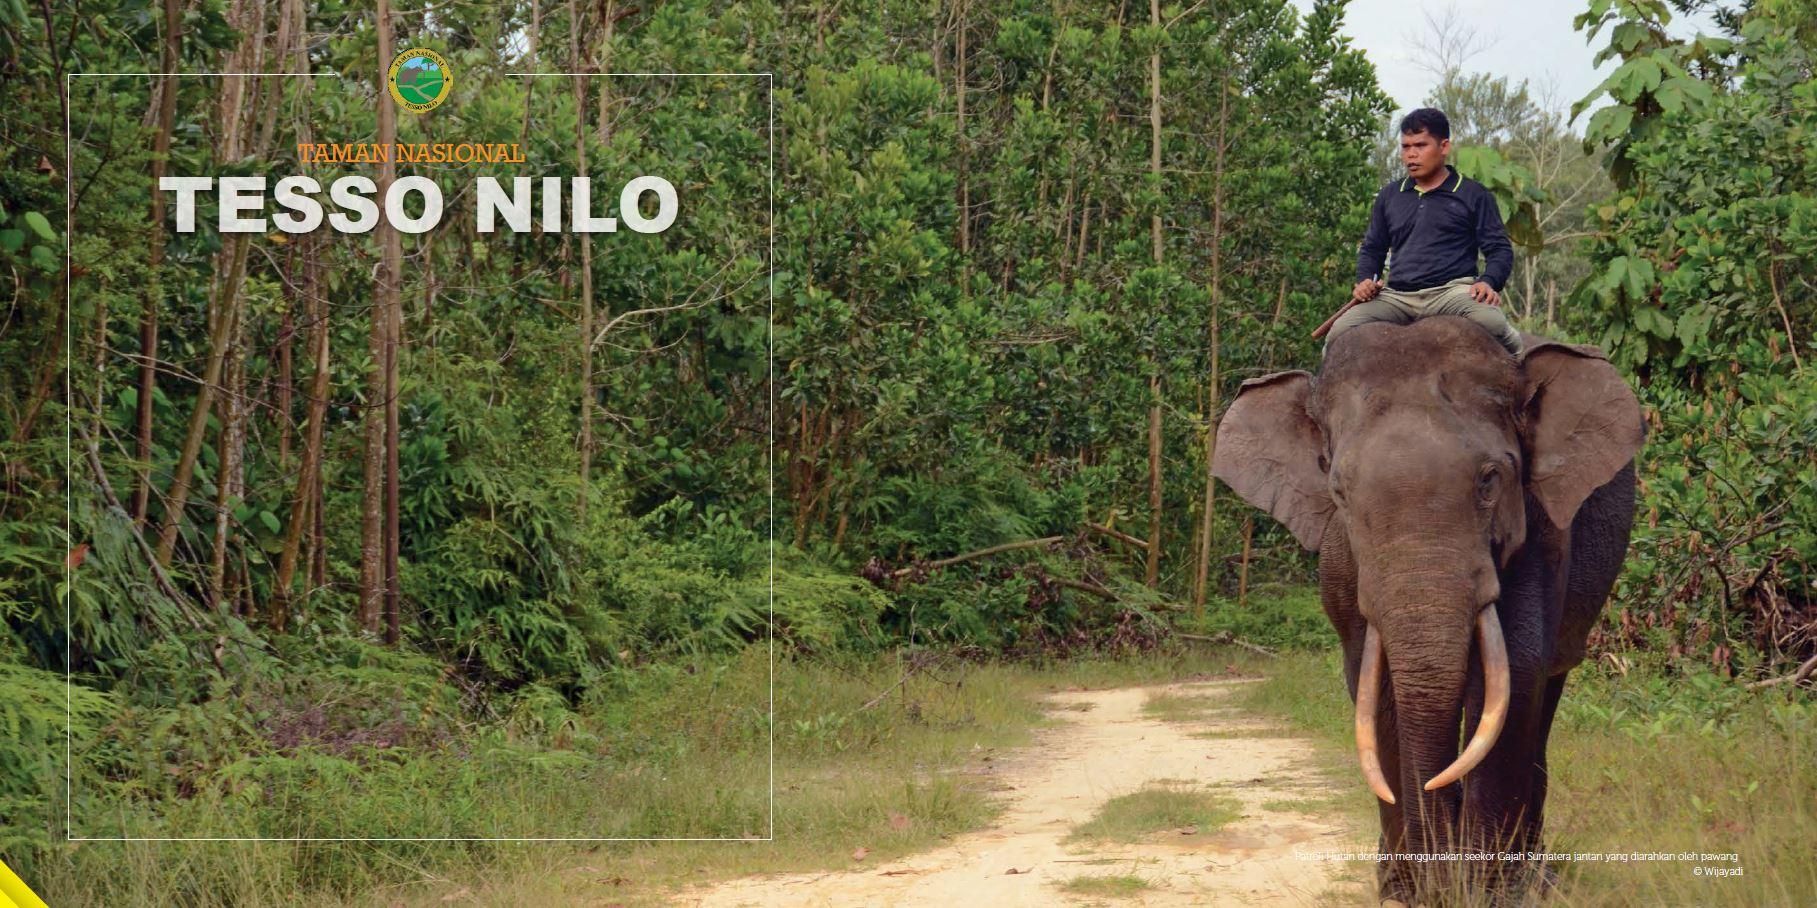 Tesso Nilo